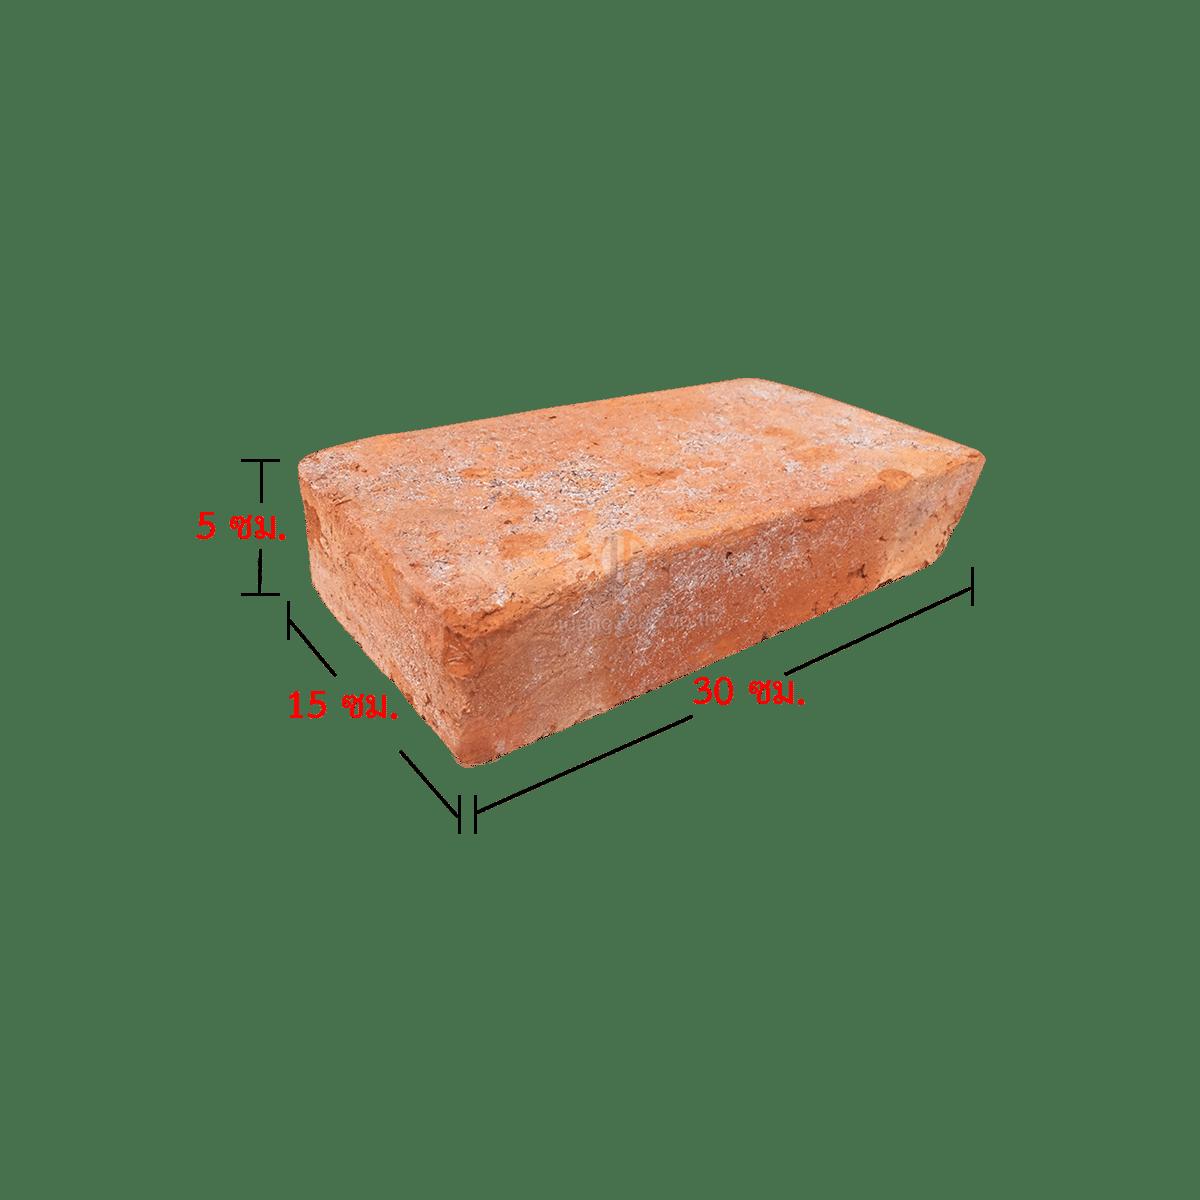 202 อิฐมอญโบราณ 02 (เผาแกลบ) ขนาด 5X15X30 ซม